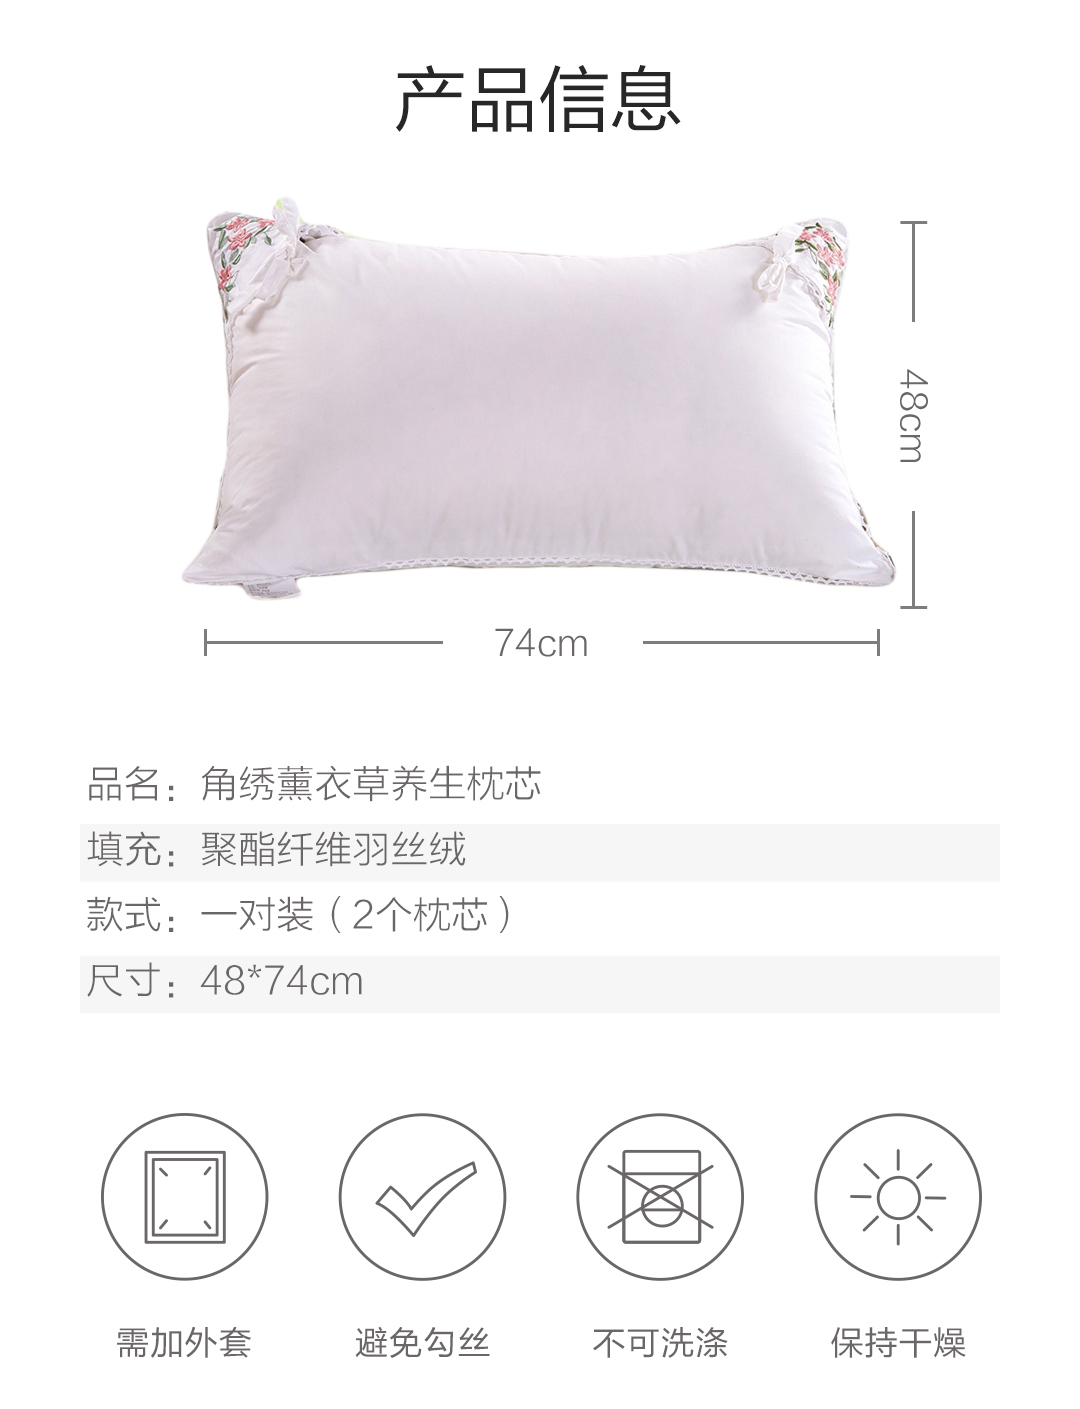 【一对装】角绣茉莉花羽丝绒花香枕芯